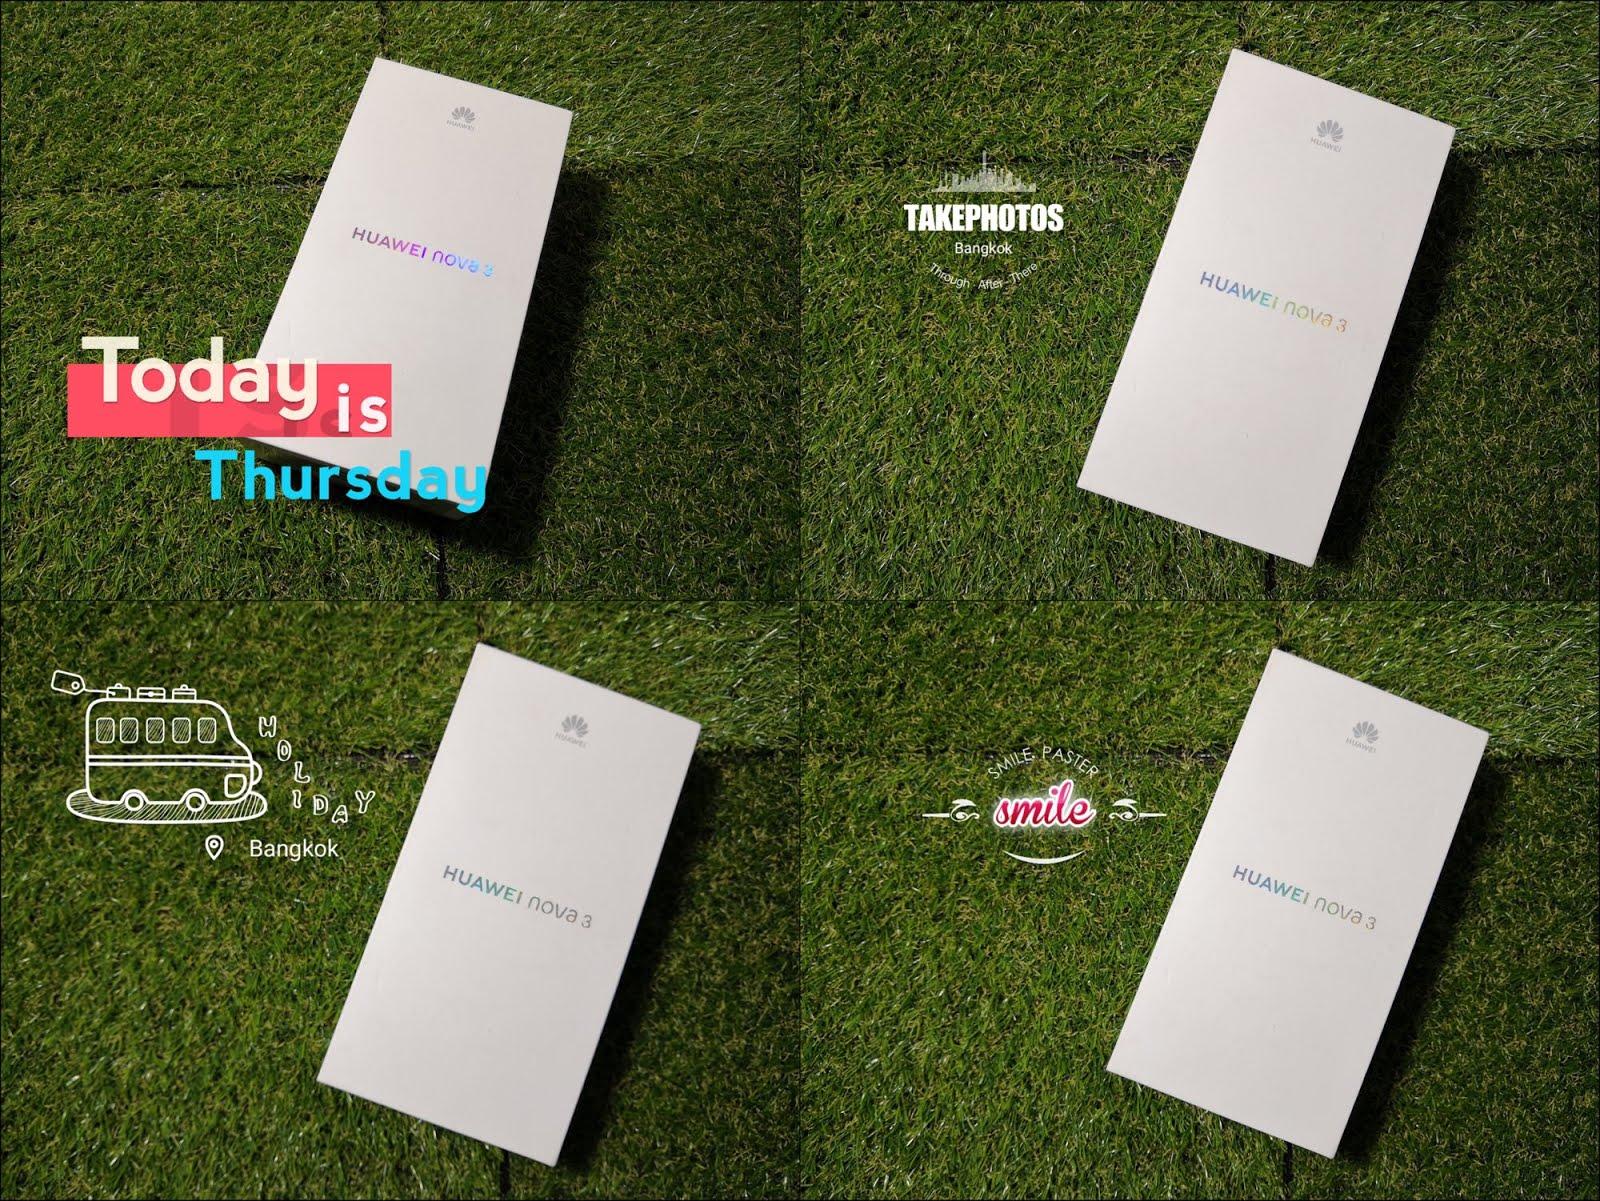 รีวิว Huawei Nova 3 ฉบับเจาะจุดเด่นเน้นเรื่องกล้อง | BACIDEA